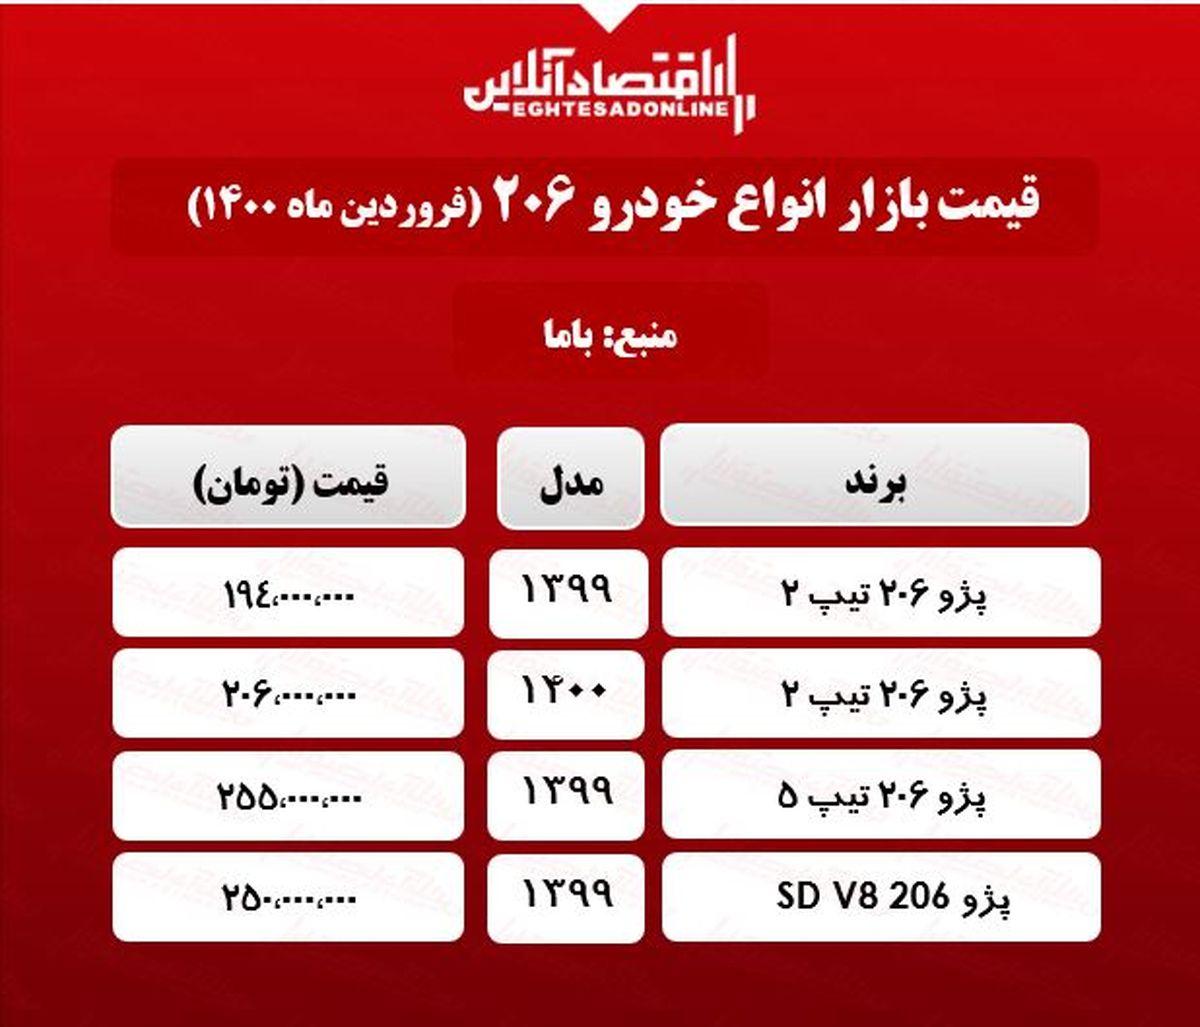 قیمت خودرو پژو ۲۰۶ در تهران +جدول